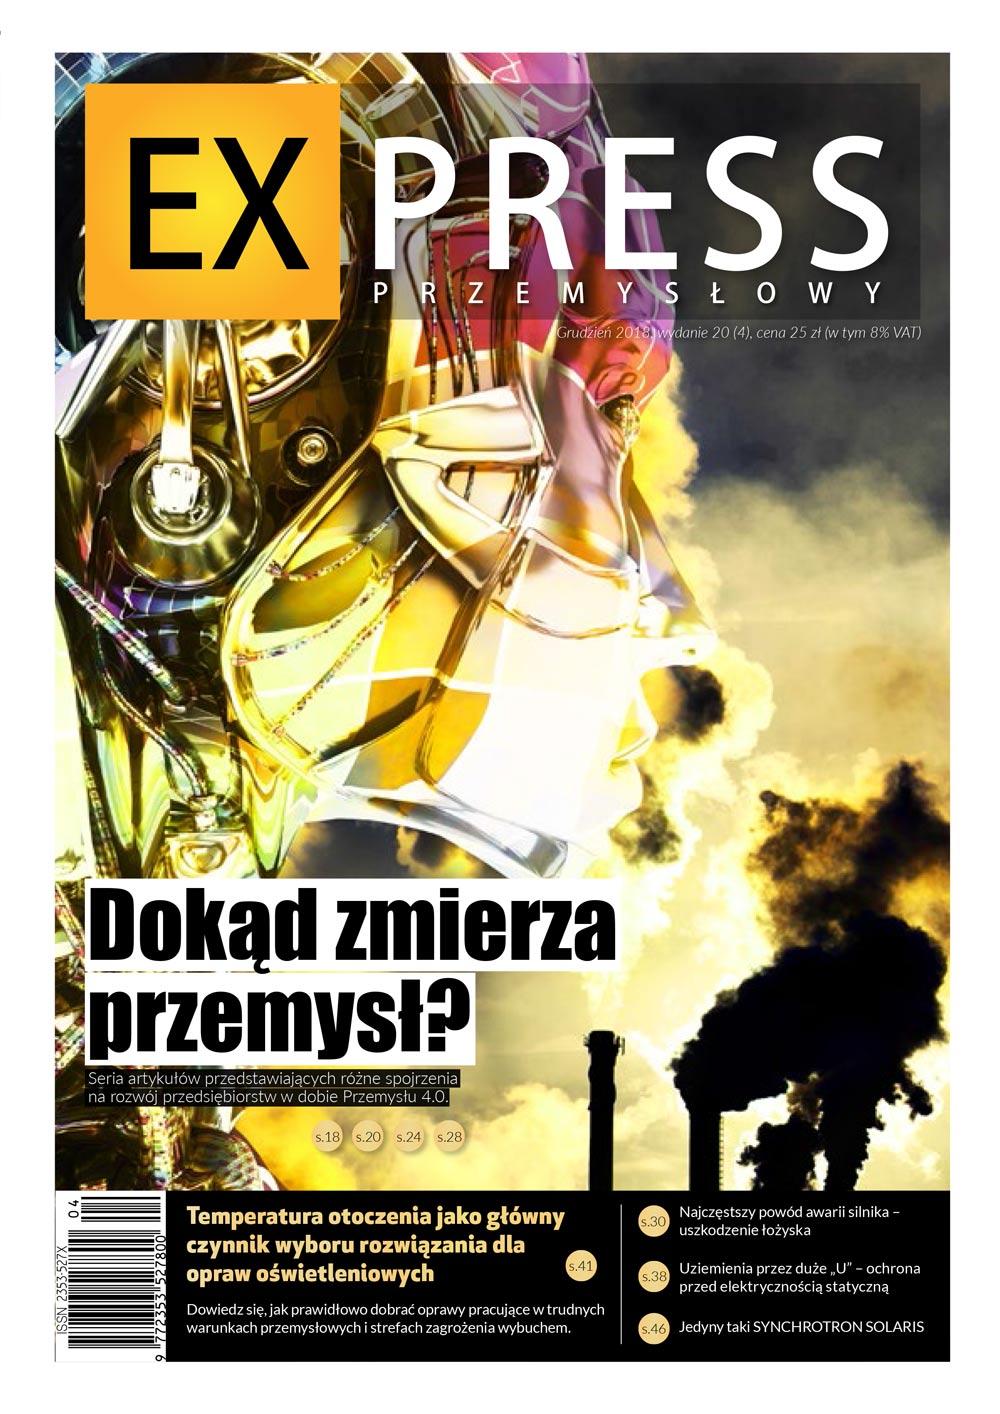 Express Przemysłowy - wydanie 20 (grudzień 2018)